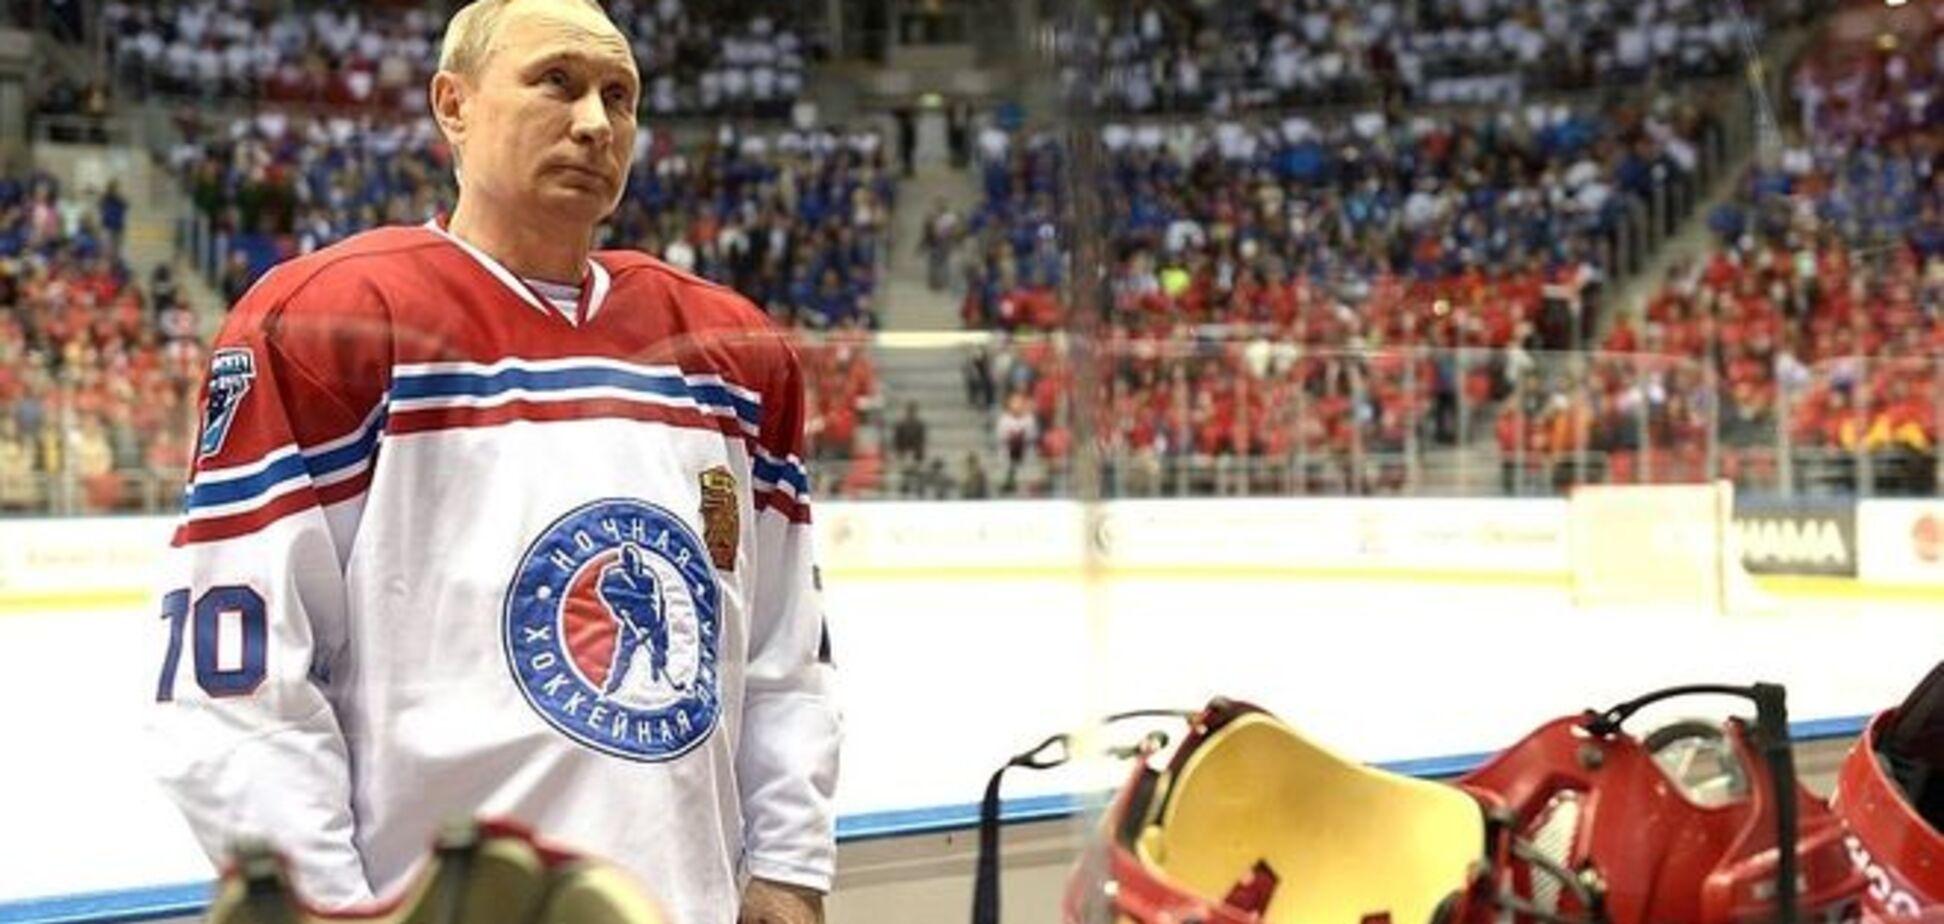 Амфоры на льду: в России высмеяли хоккейные 'подвиги' Путина